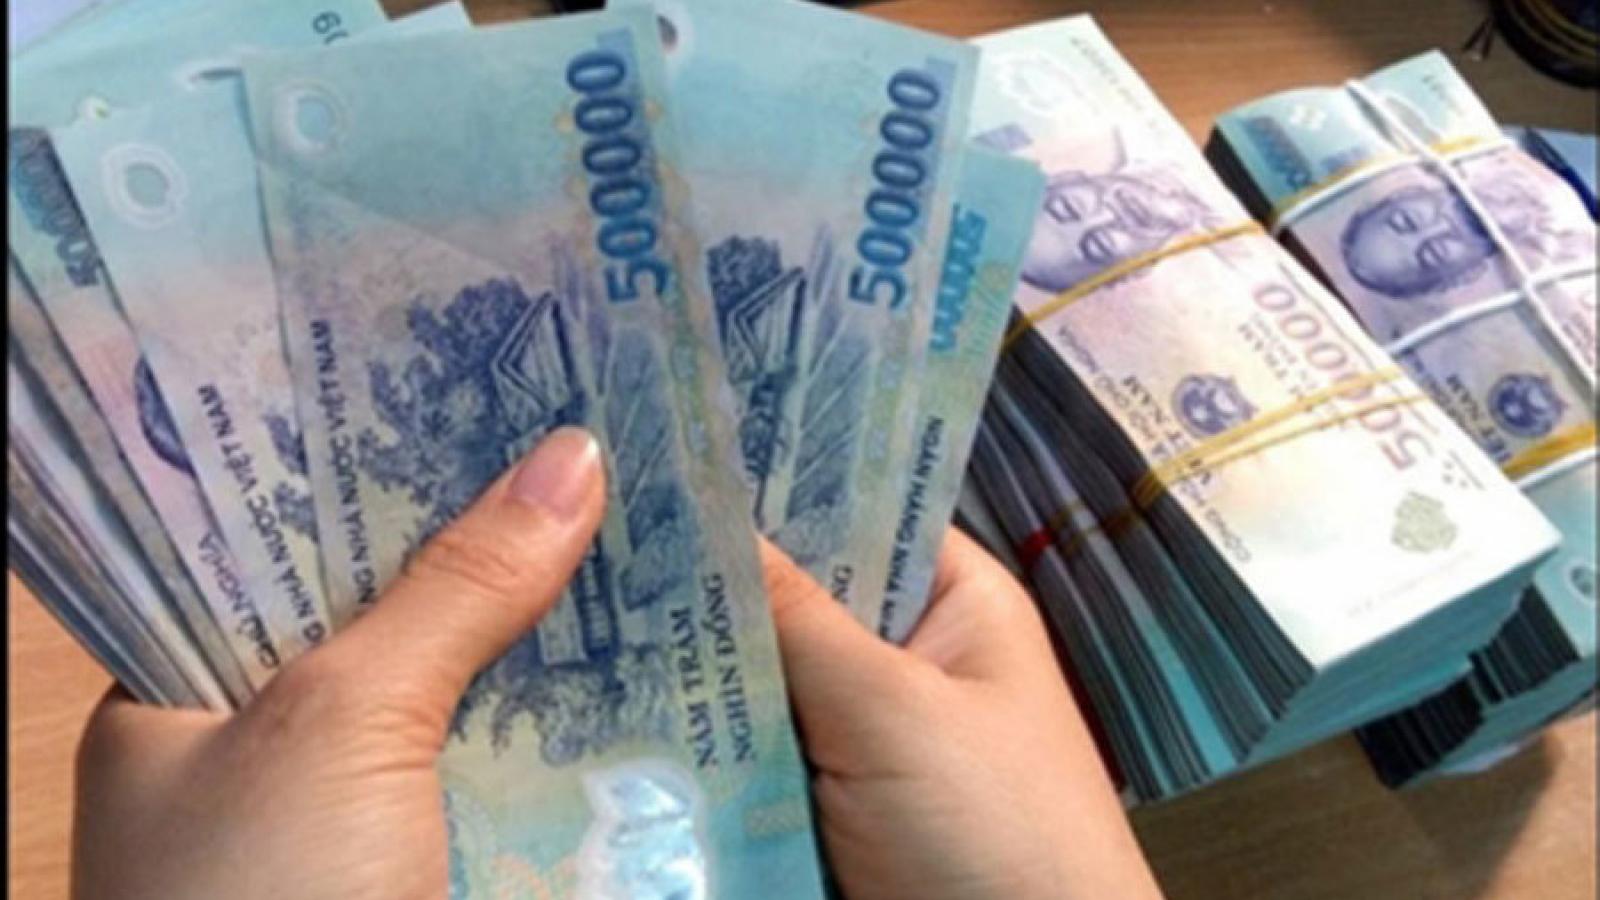 Hà Nội: 9.000 lao động đến làm thủ tục hưởng trợ cấp thất nghiệp trong tháng 8